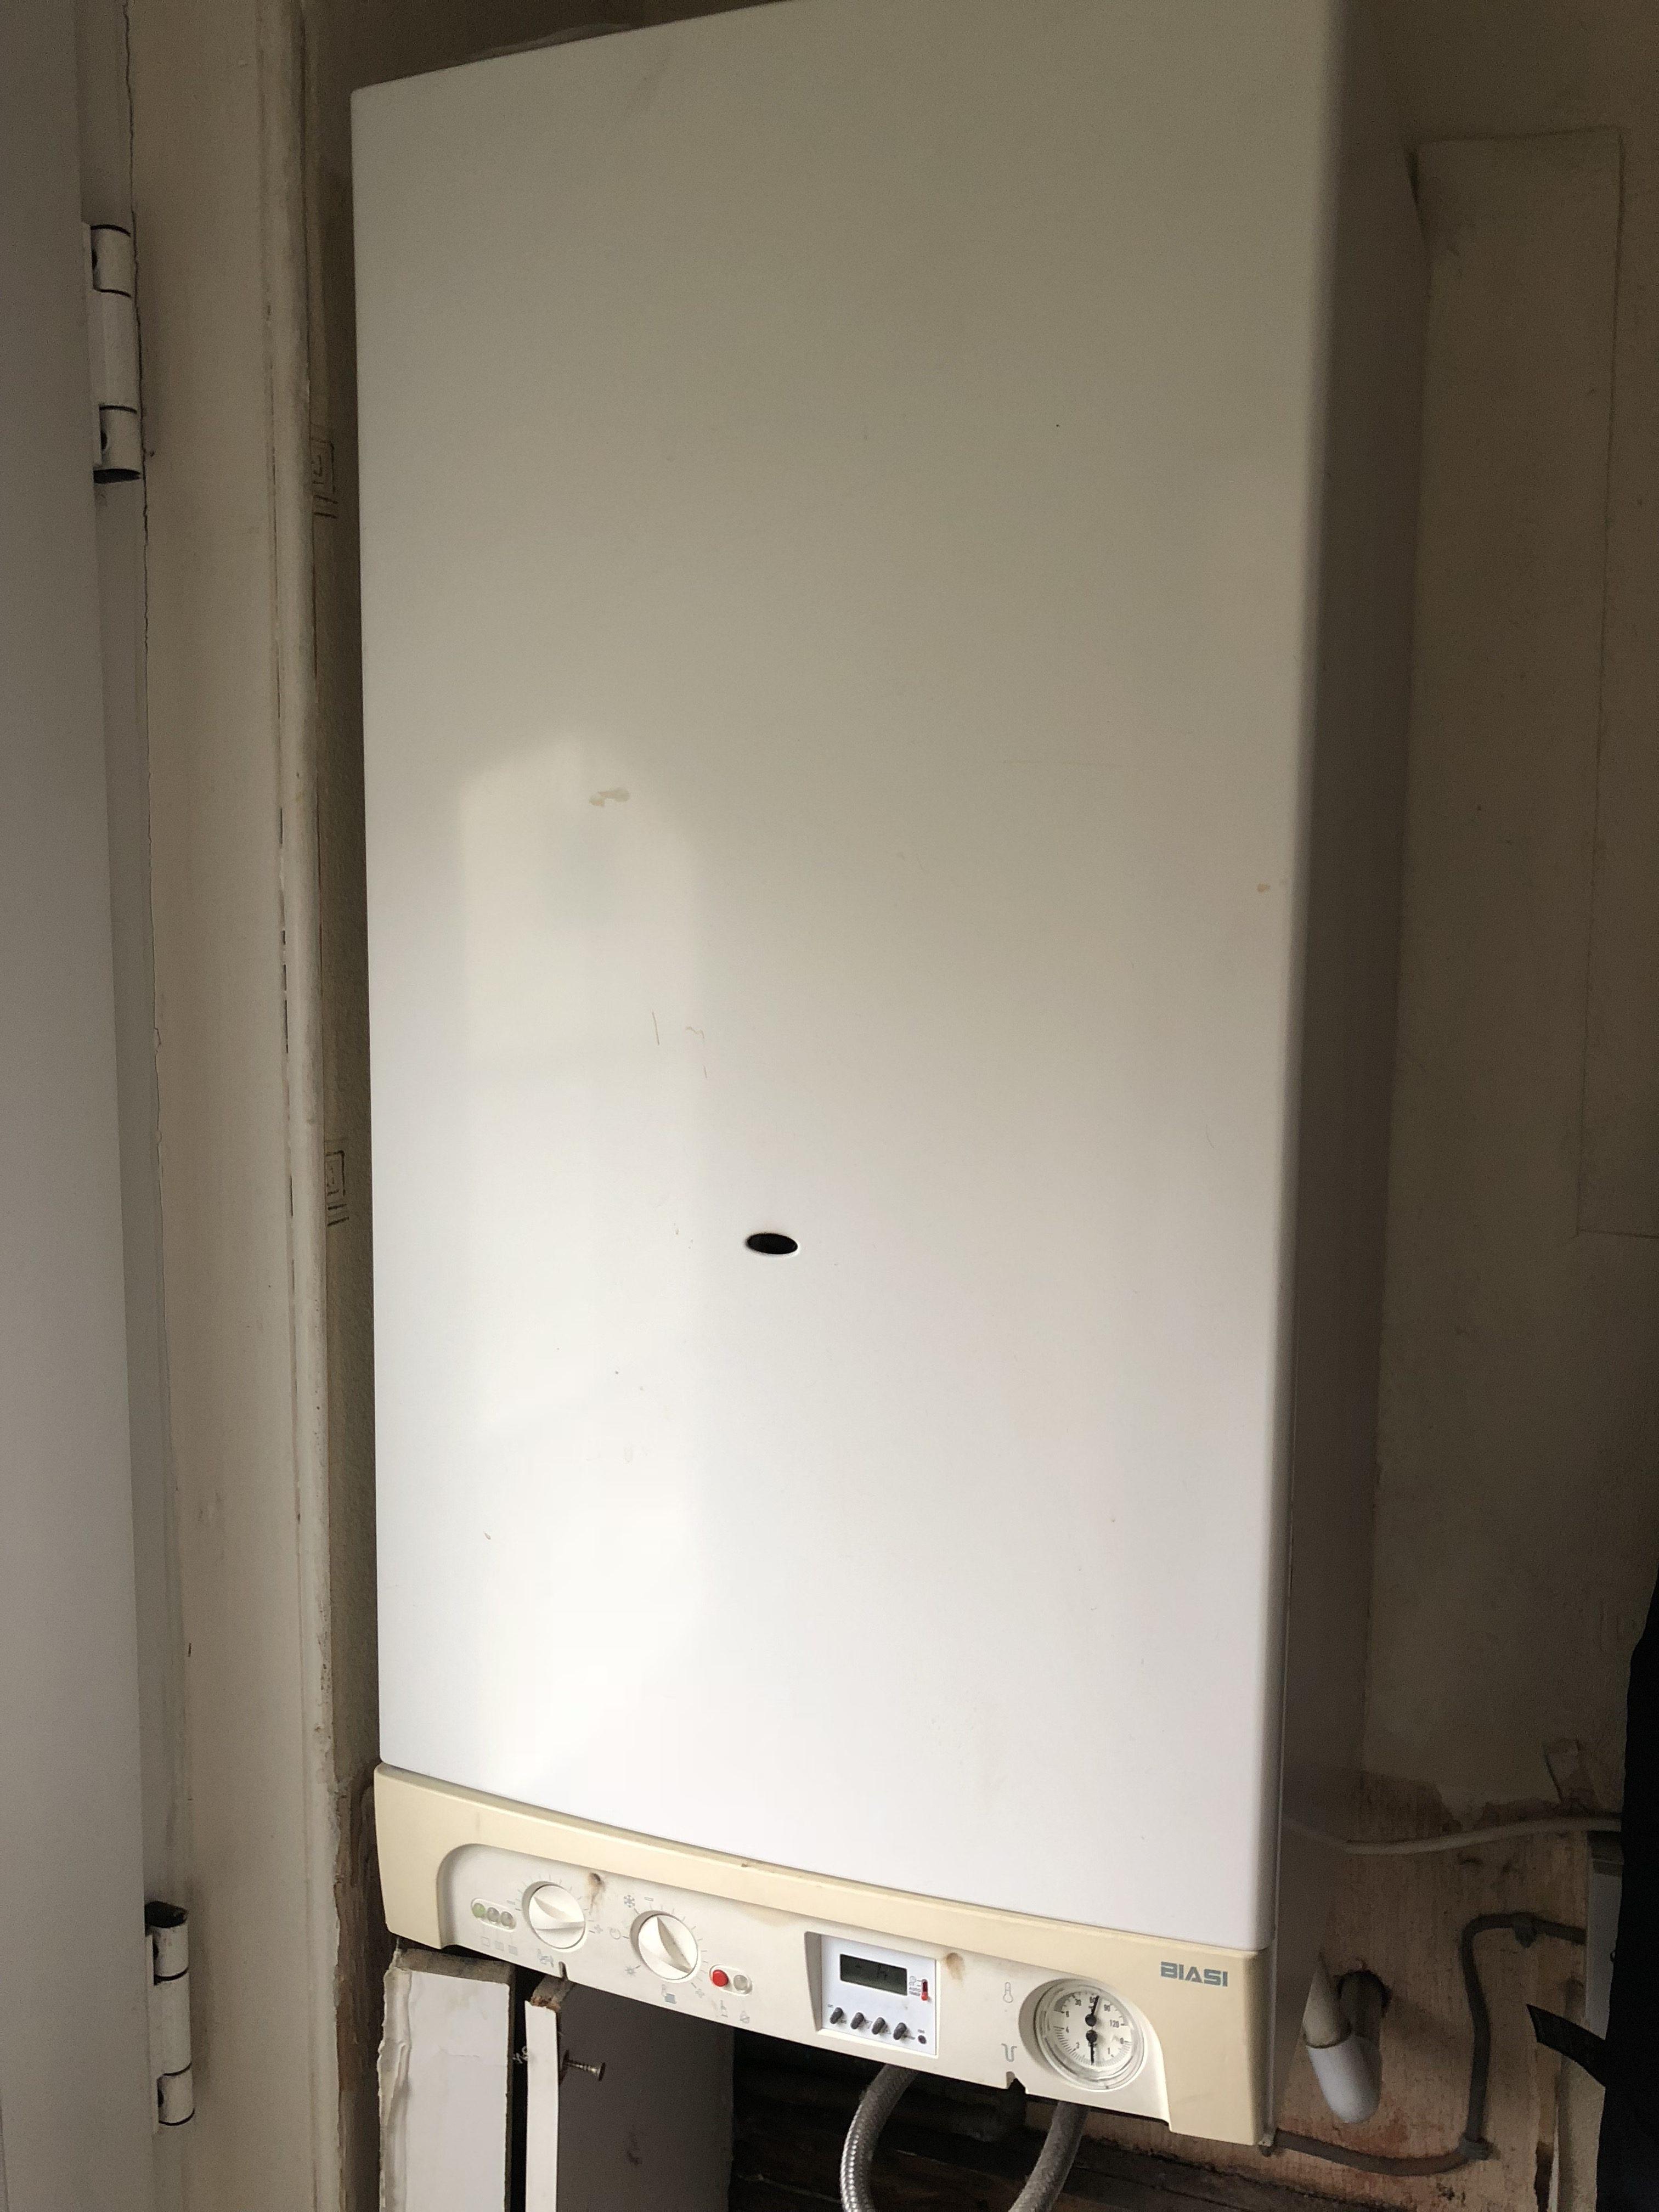 Old combi boiler